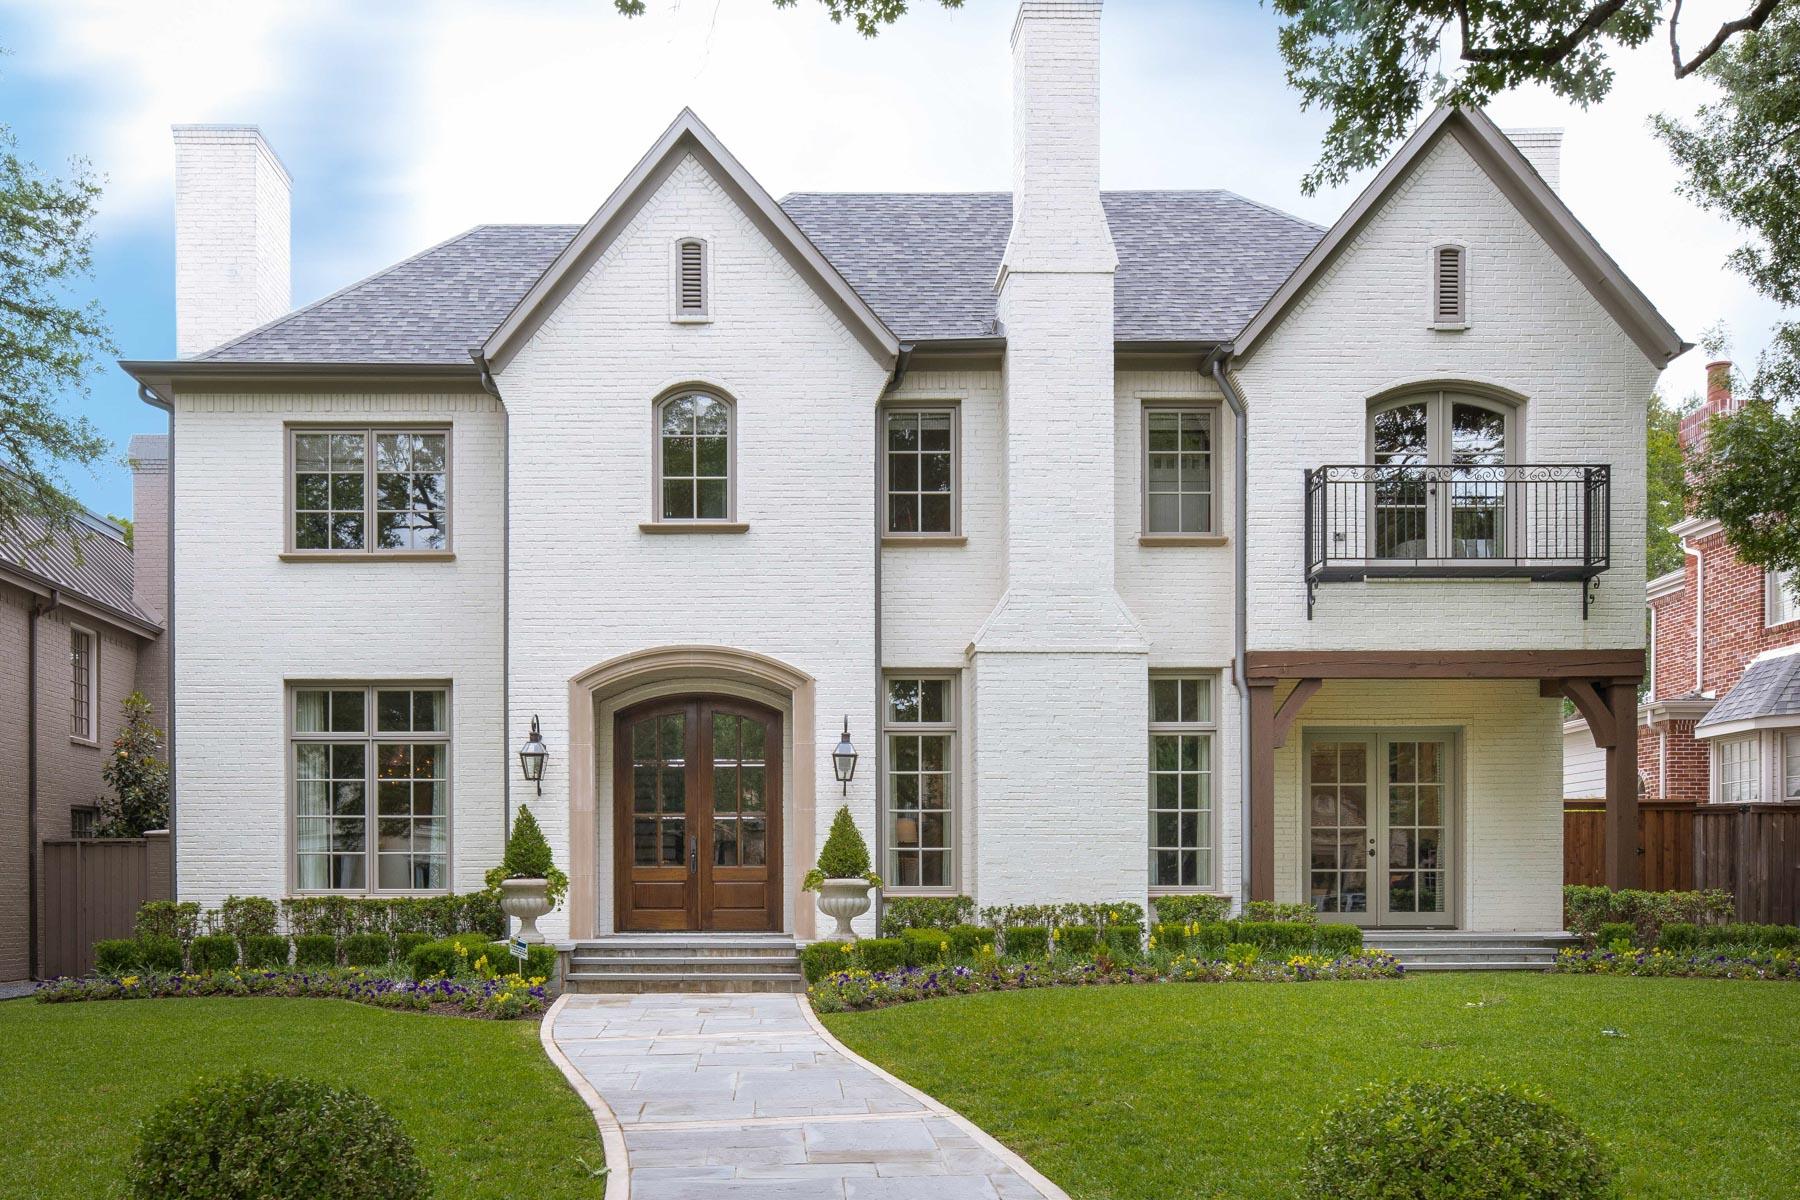 一戸建て のために 売買 アット University Park Traditional 3708 Greenbrier Dr Dallas, テキサス, 75225 アメリカ合衆国